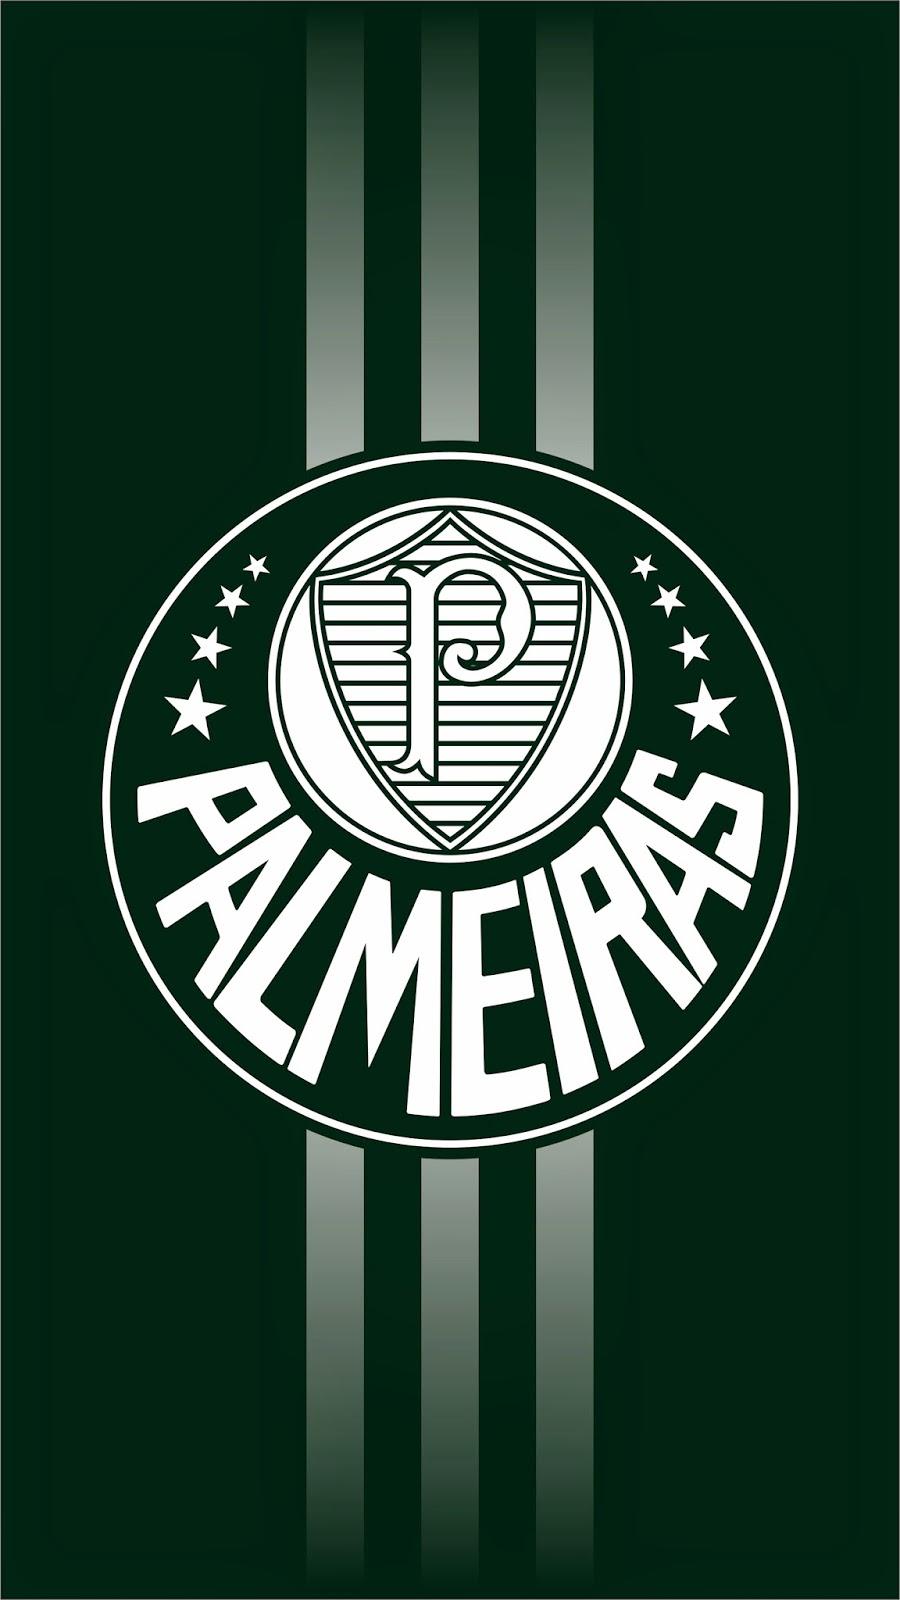 Seleção De Wallpapers Para Iphone, Android, Samsung - Papel De Parede Palmeiras 2019 , HD Wallpaper & Backgrounds